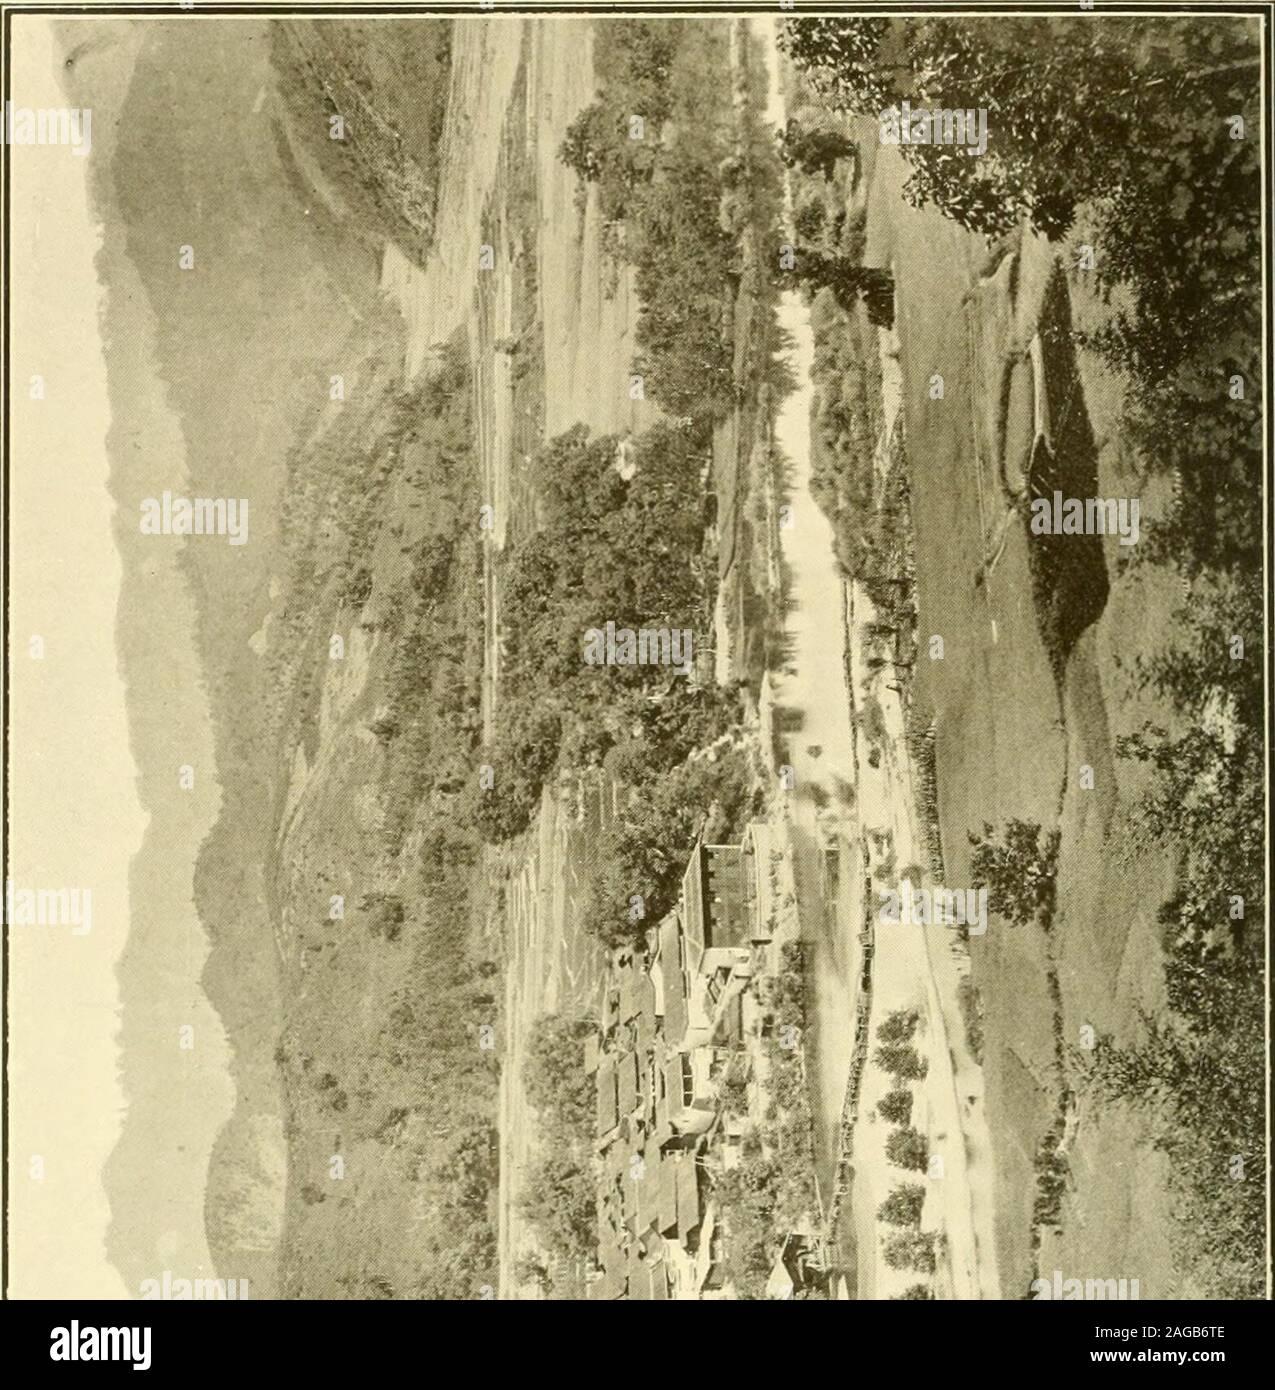 . El Imperio Chino: un estudio general y misionera ... t 1000 millas cuadradas. Es un Theprovince extremadamente montañoso, y whereverwe levantar nuestros ojos contemplamos el eterno Hills, clothedwith sus variados entre los que el follaje de la fir andbamboo son más prominentes o cultivadas a sus summitsin pequeñas terrazas por los laboriosos agricultores. Es enla las laderas más altas de estas montañas, que la mayoría de los teawhich encuentra su camino a las despensas de Inglaterra, Australia, y en América es cultivada. Las famosas colinas son Bohea enel extremo norte de Fukien. La gente de la provincia se dice Foto de stock